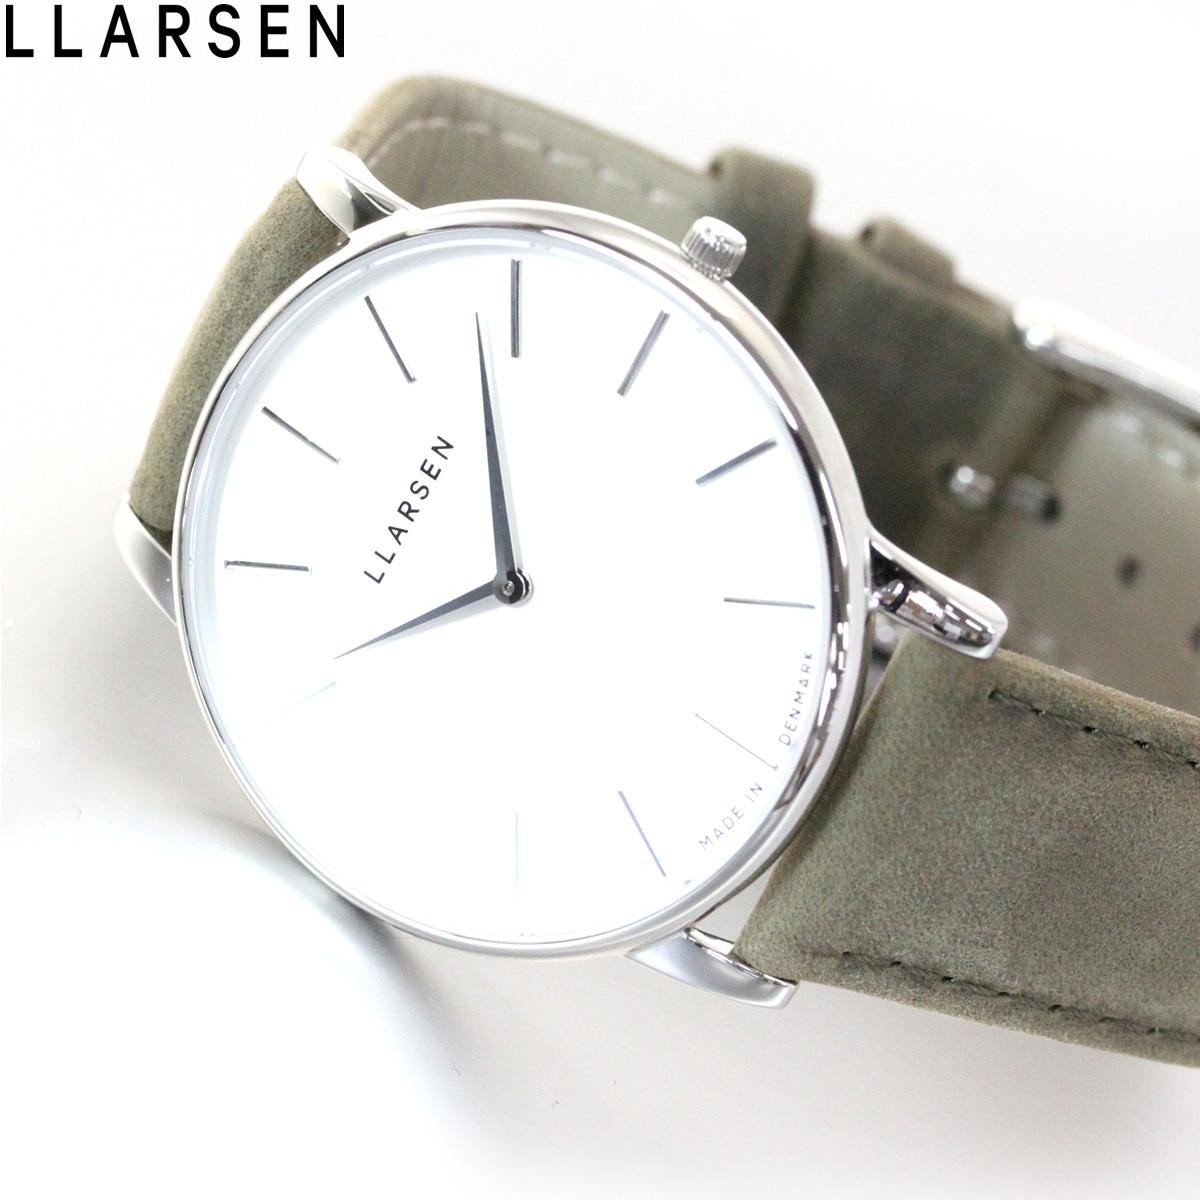 【5日0時~♪2000円OFFクーポン&店内ポイント最大51倍!5日23時59分まで】エルラーセン LLARSEN 腕時計 メンズ オリバー Oliver LL147SWFR